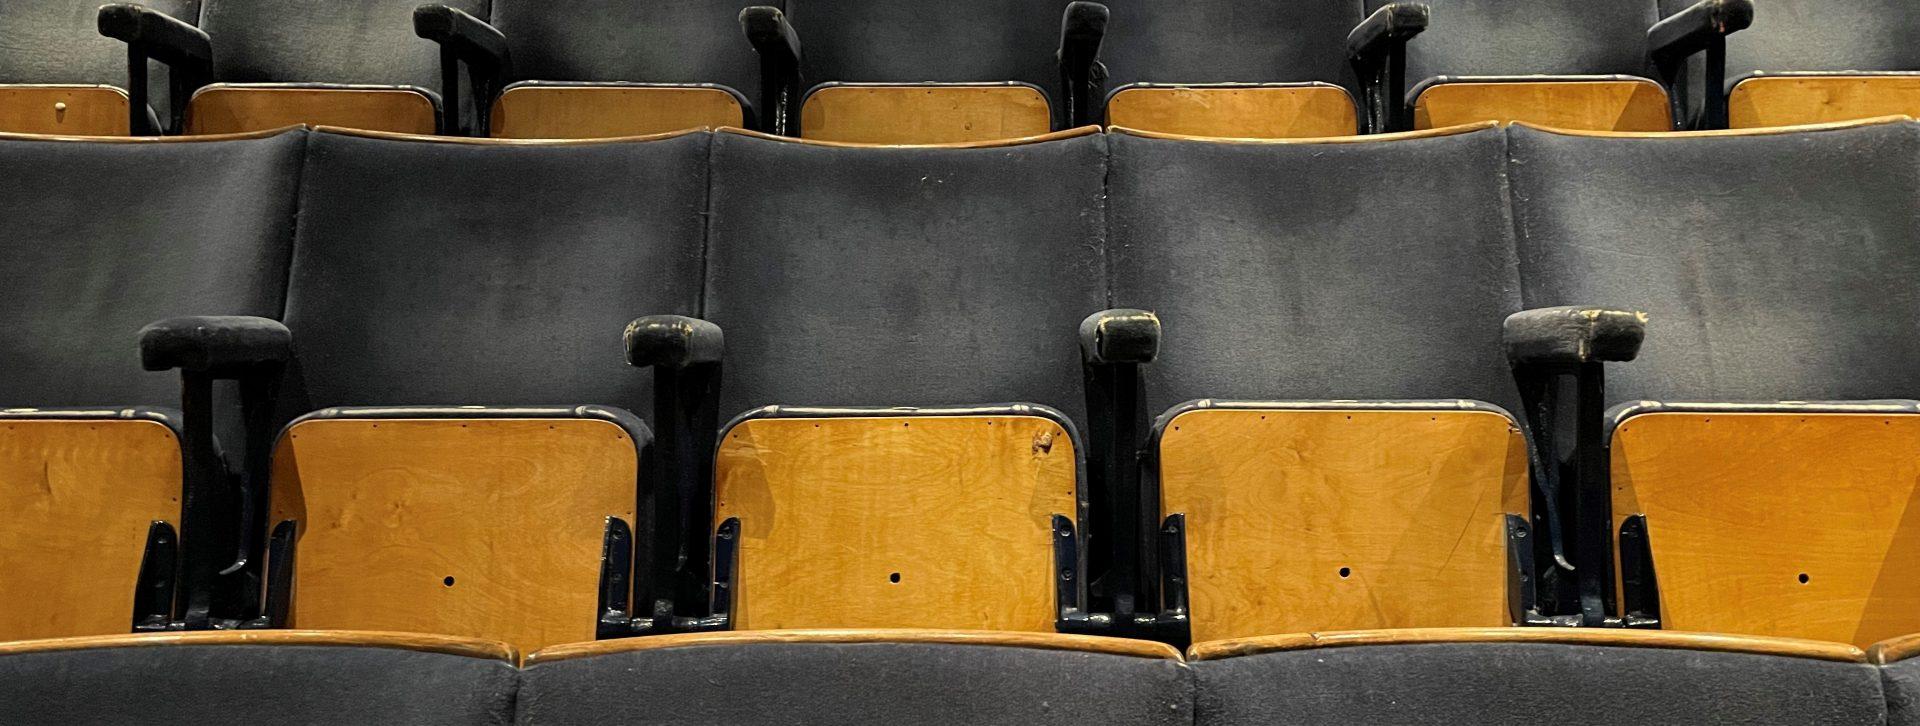 Queen's Theatre – Main Auditorium